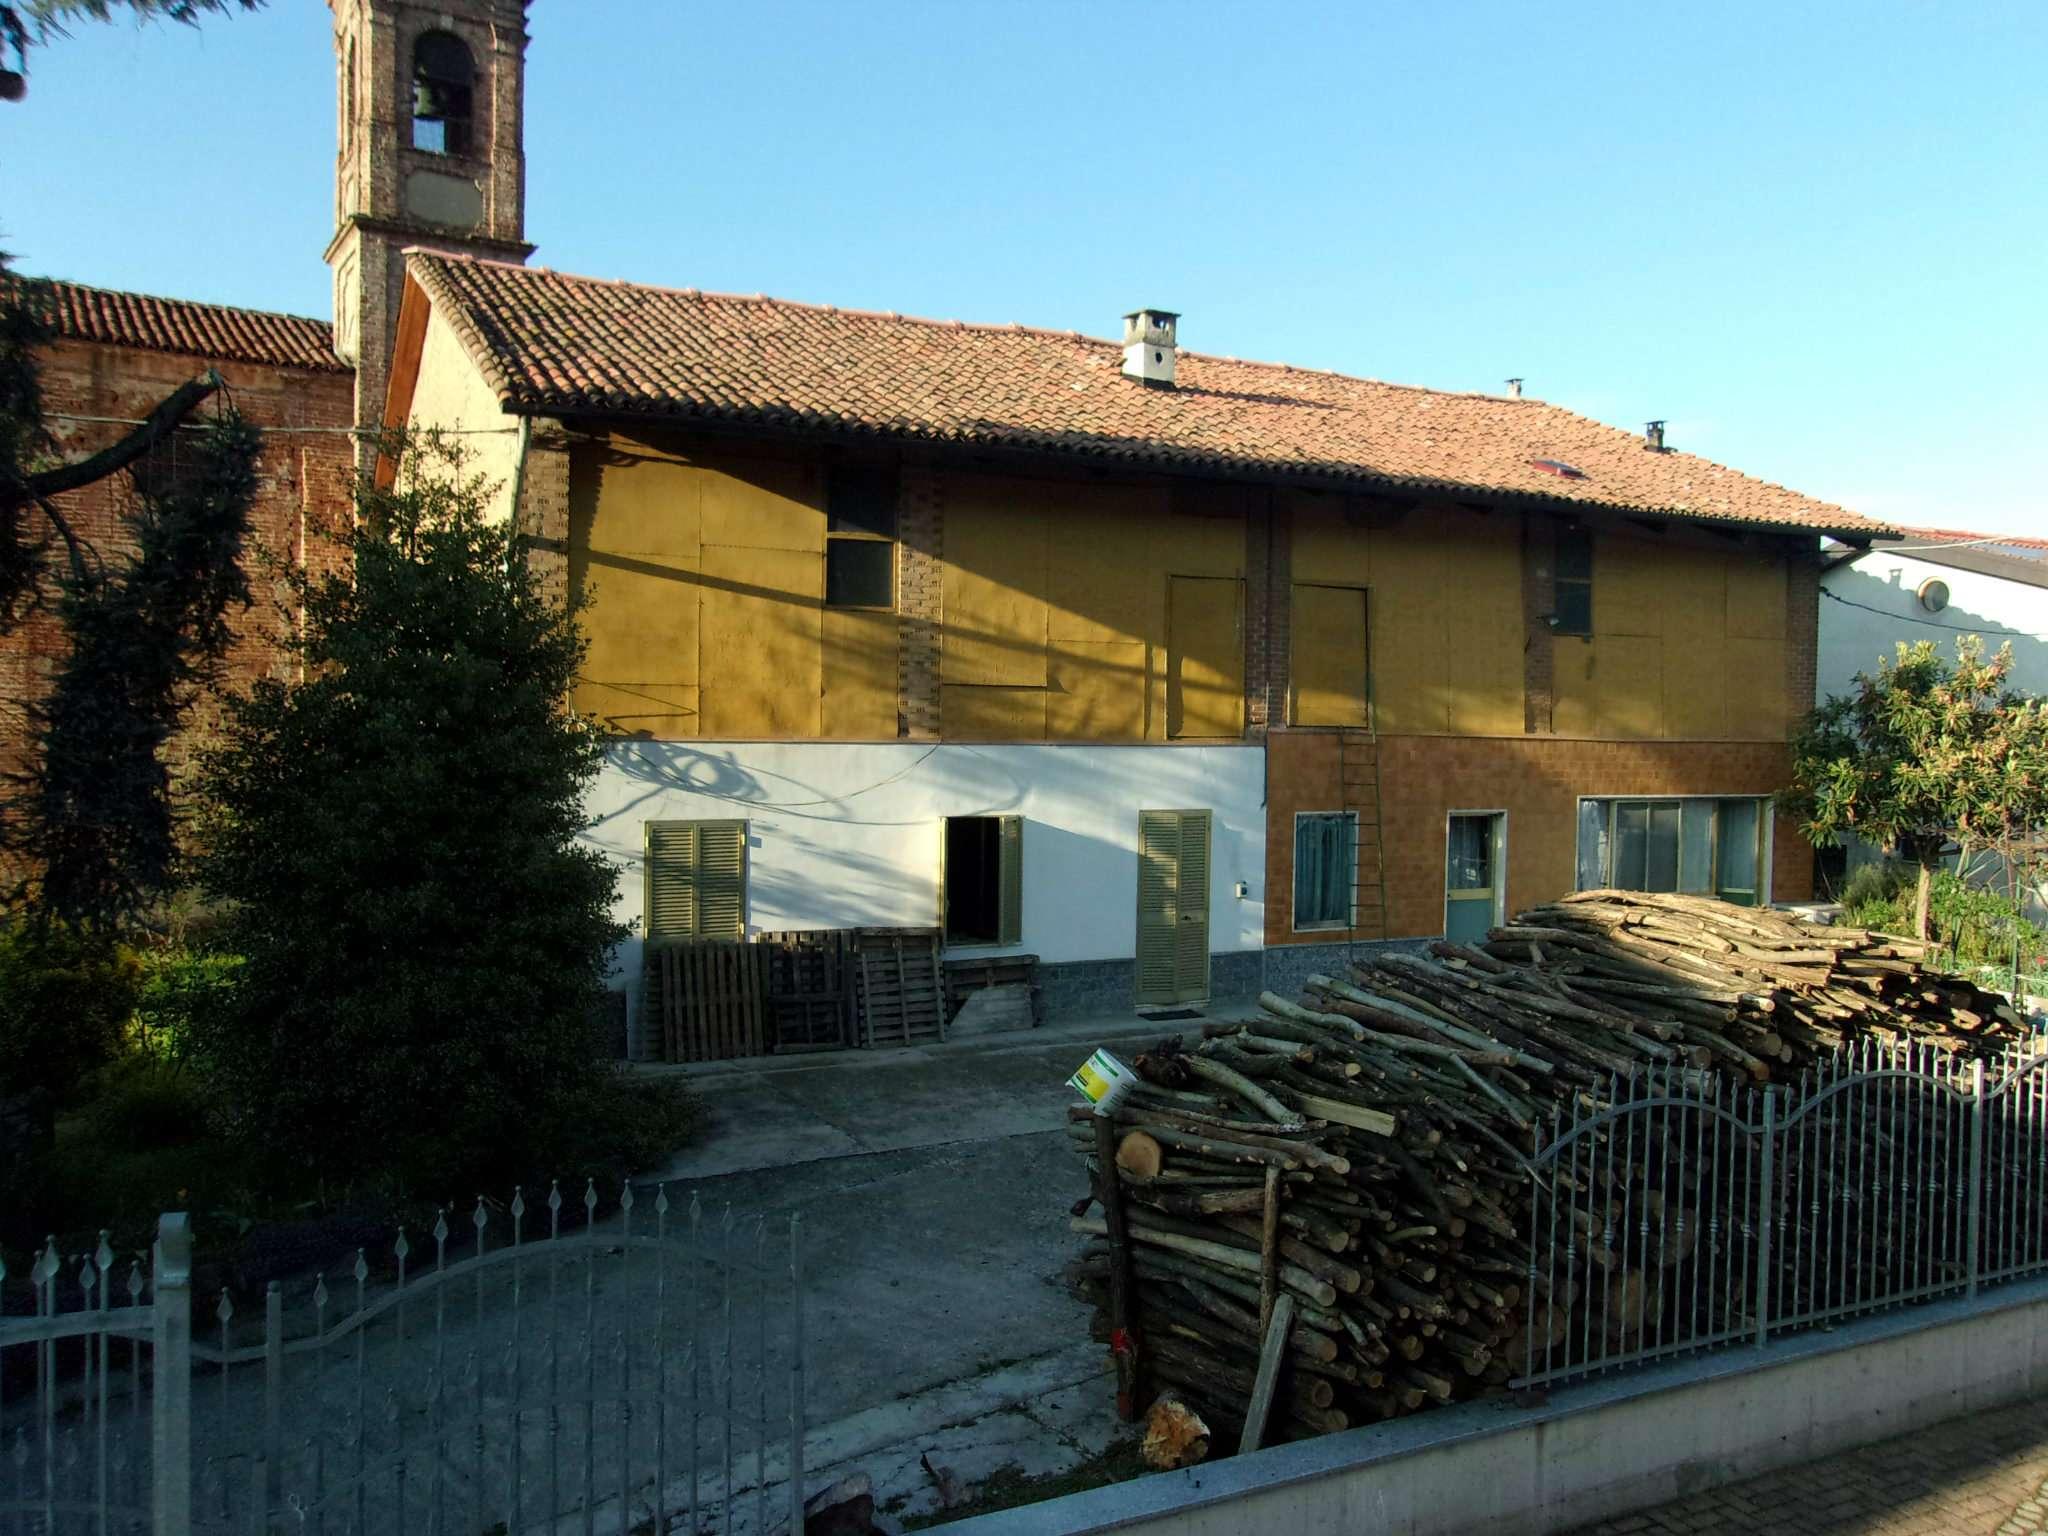 Soluzione Indipendente in vendita a Cavagnolo, 4 locali, prezzo € 60.000 | CambioCasa.it